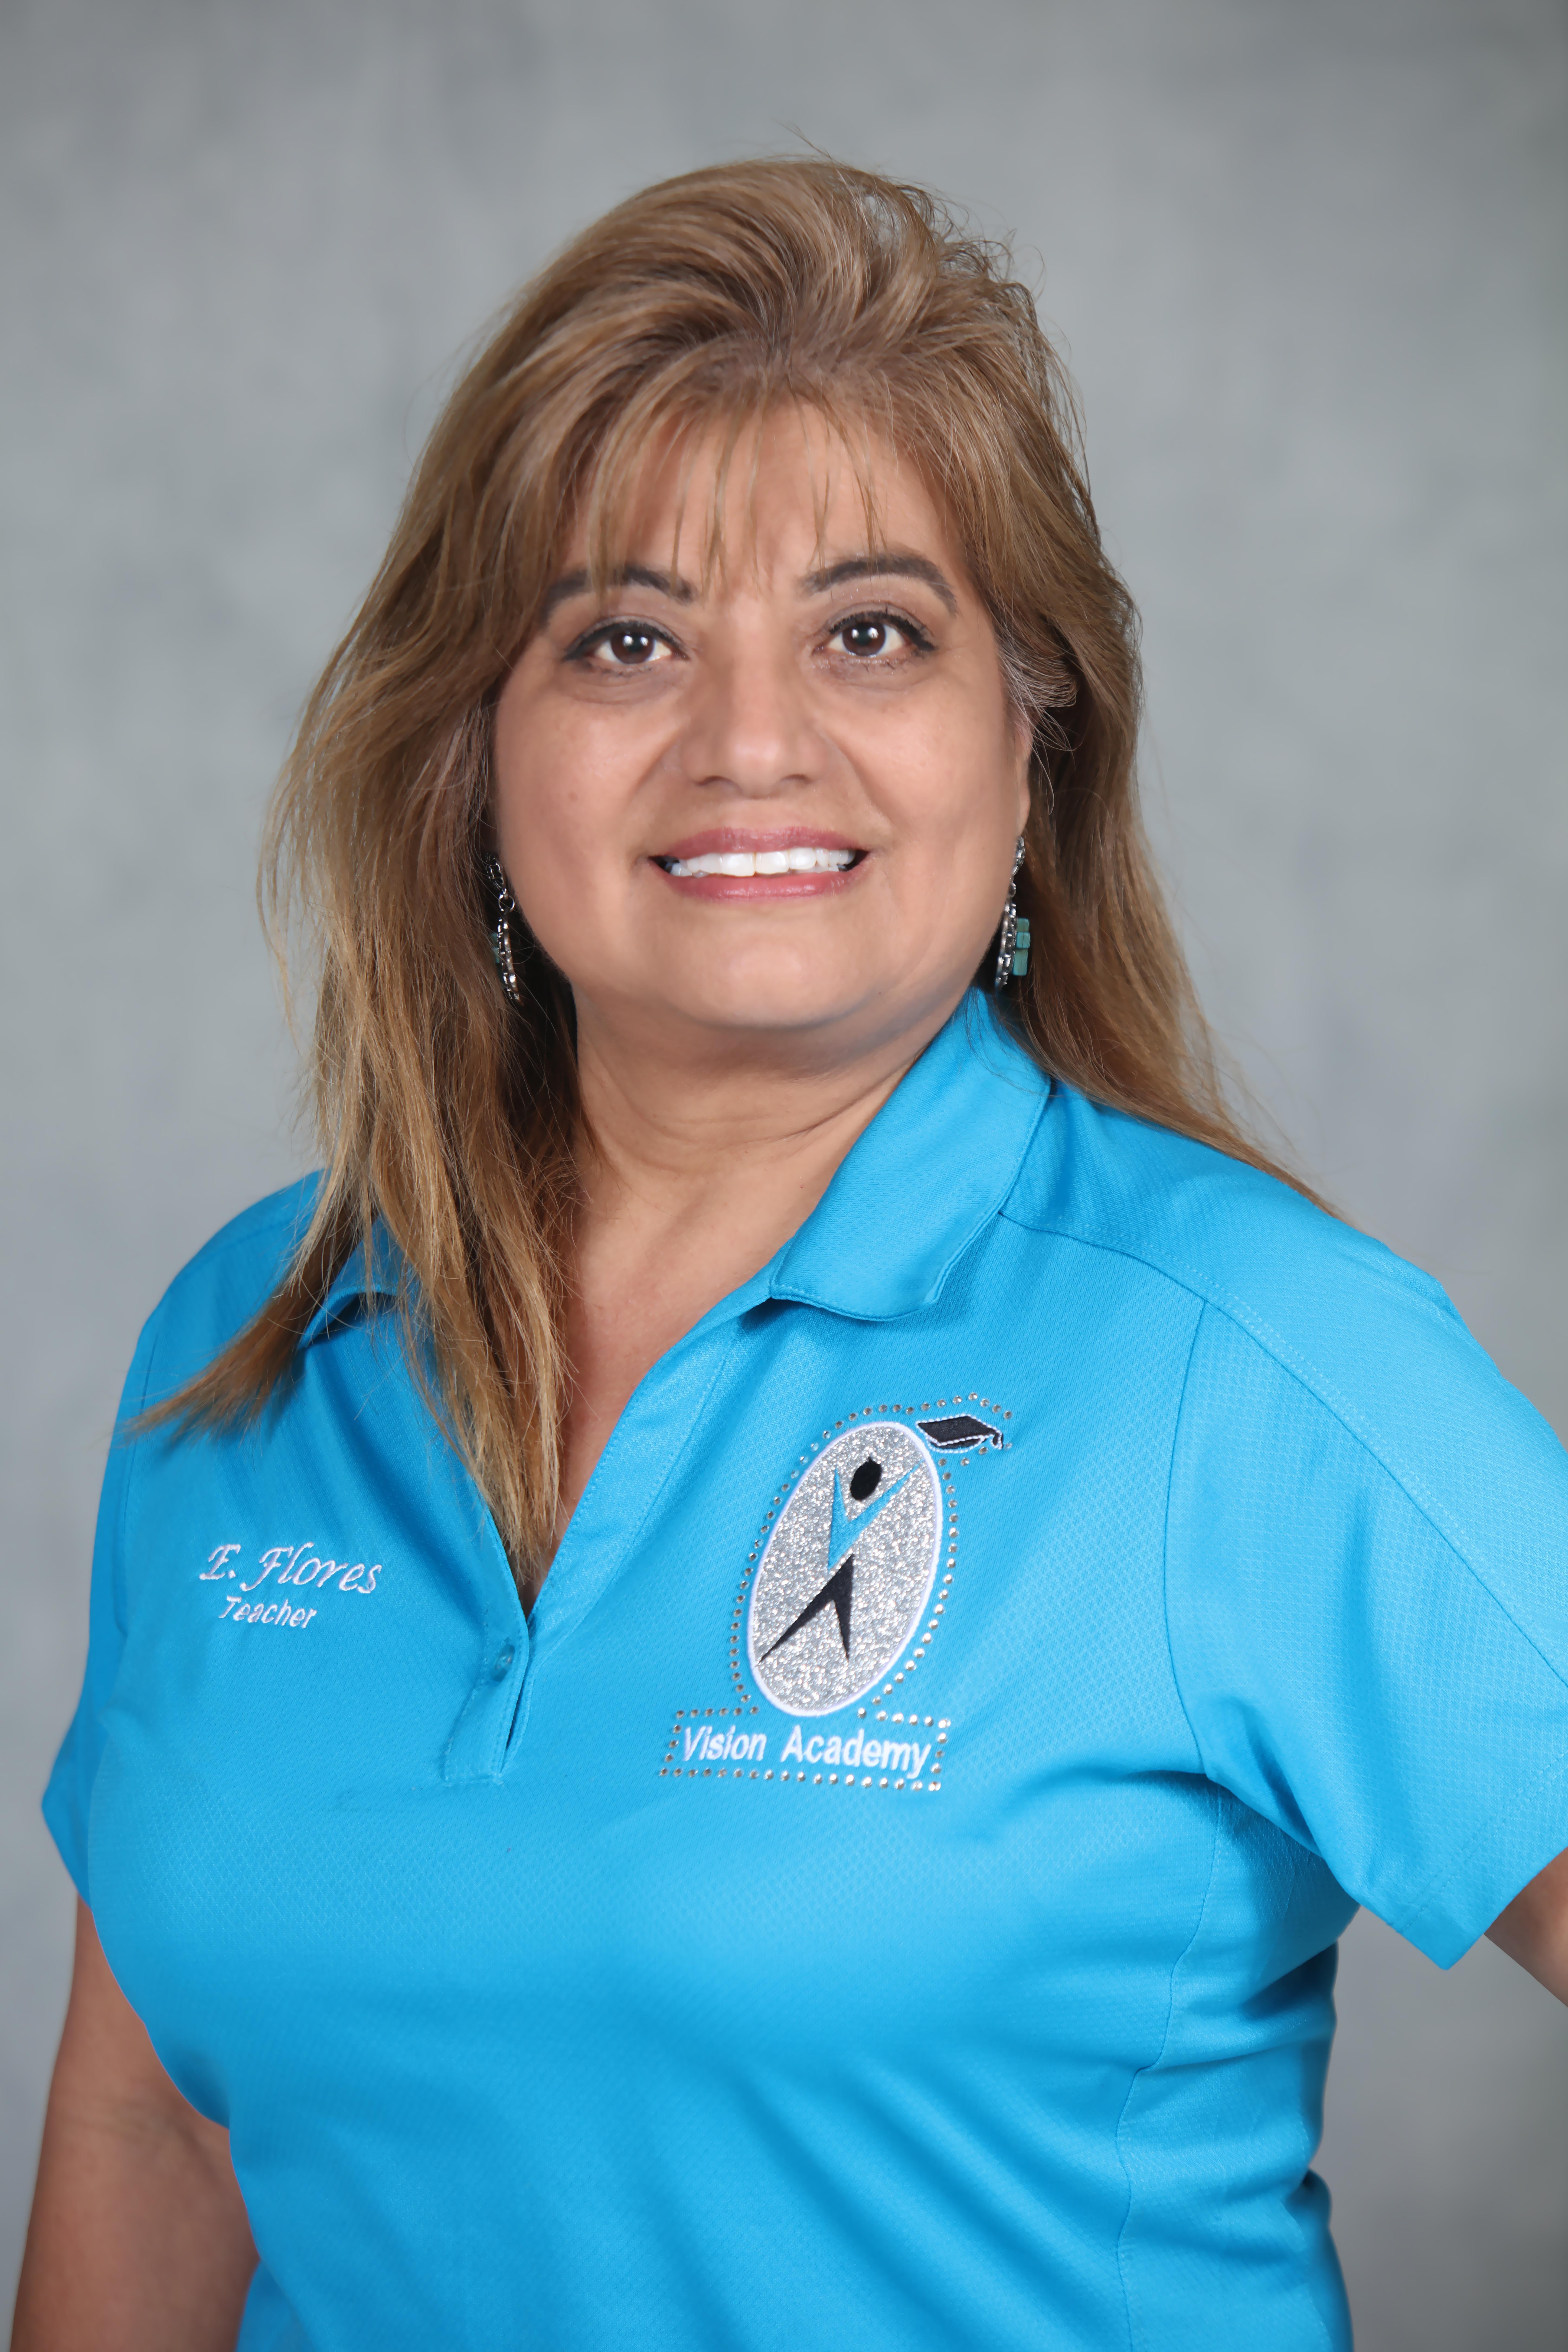 Elda Flores- Vision Academy